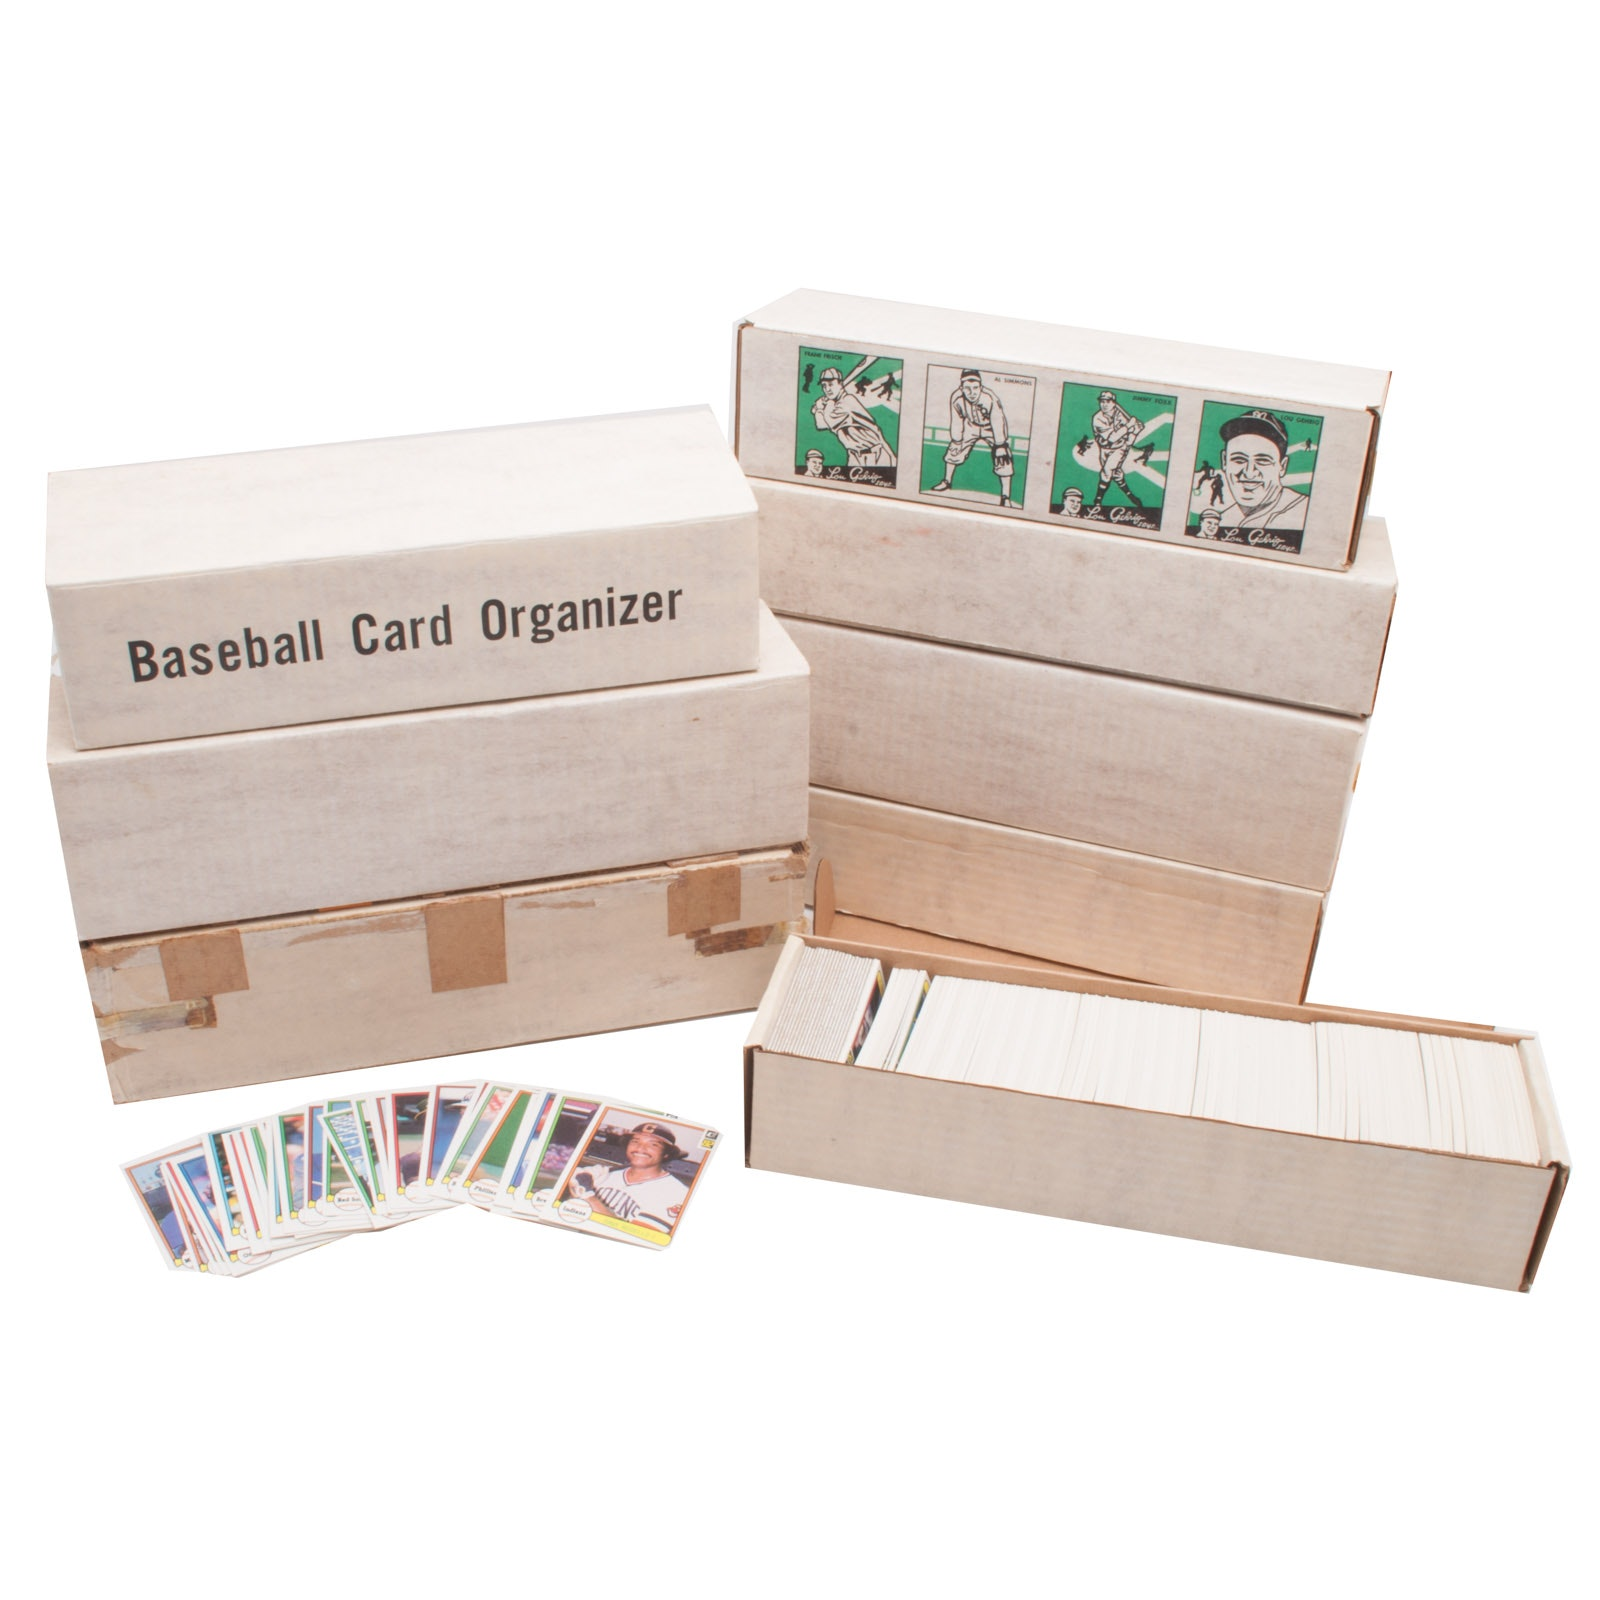 1980s Topps, Donruss, and Fleer Baseball Sets